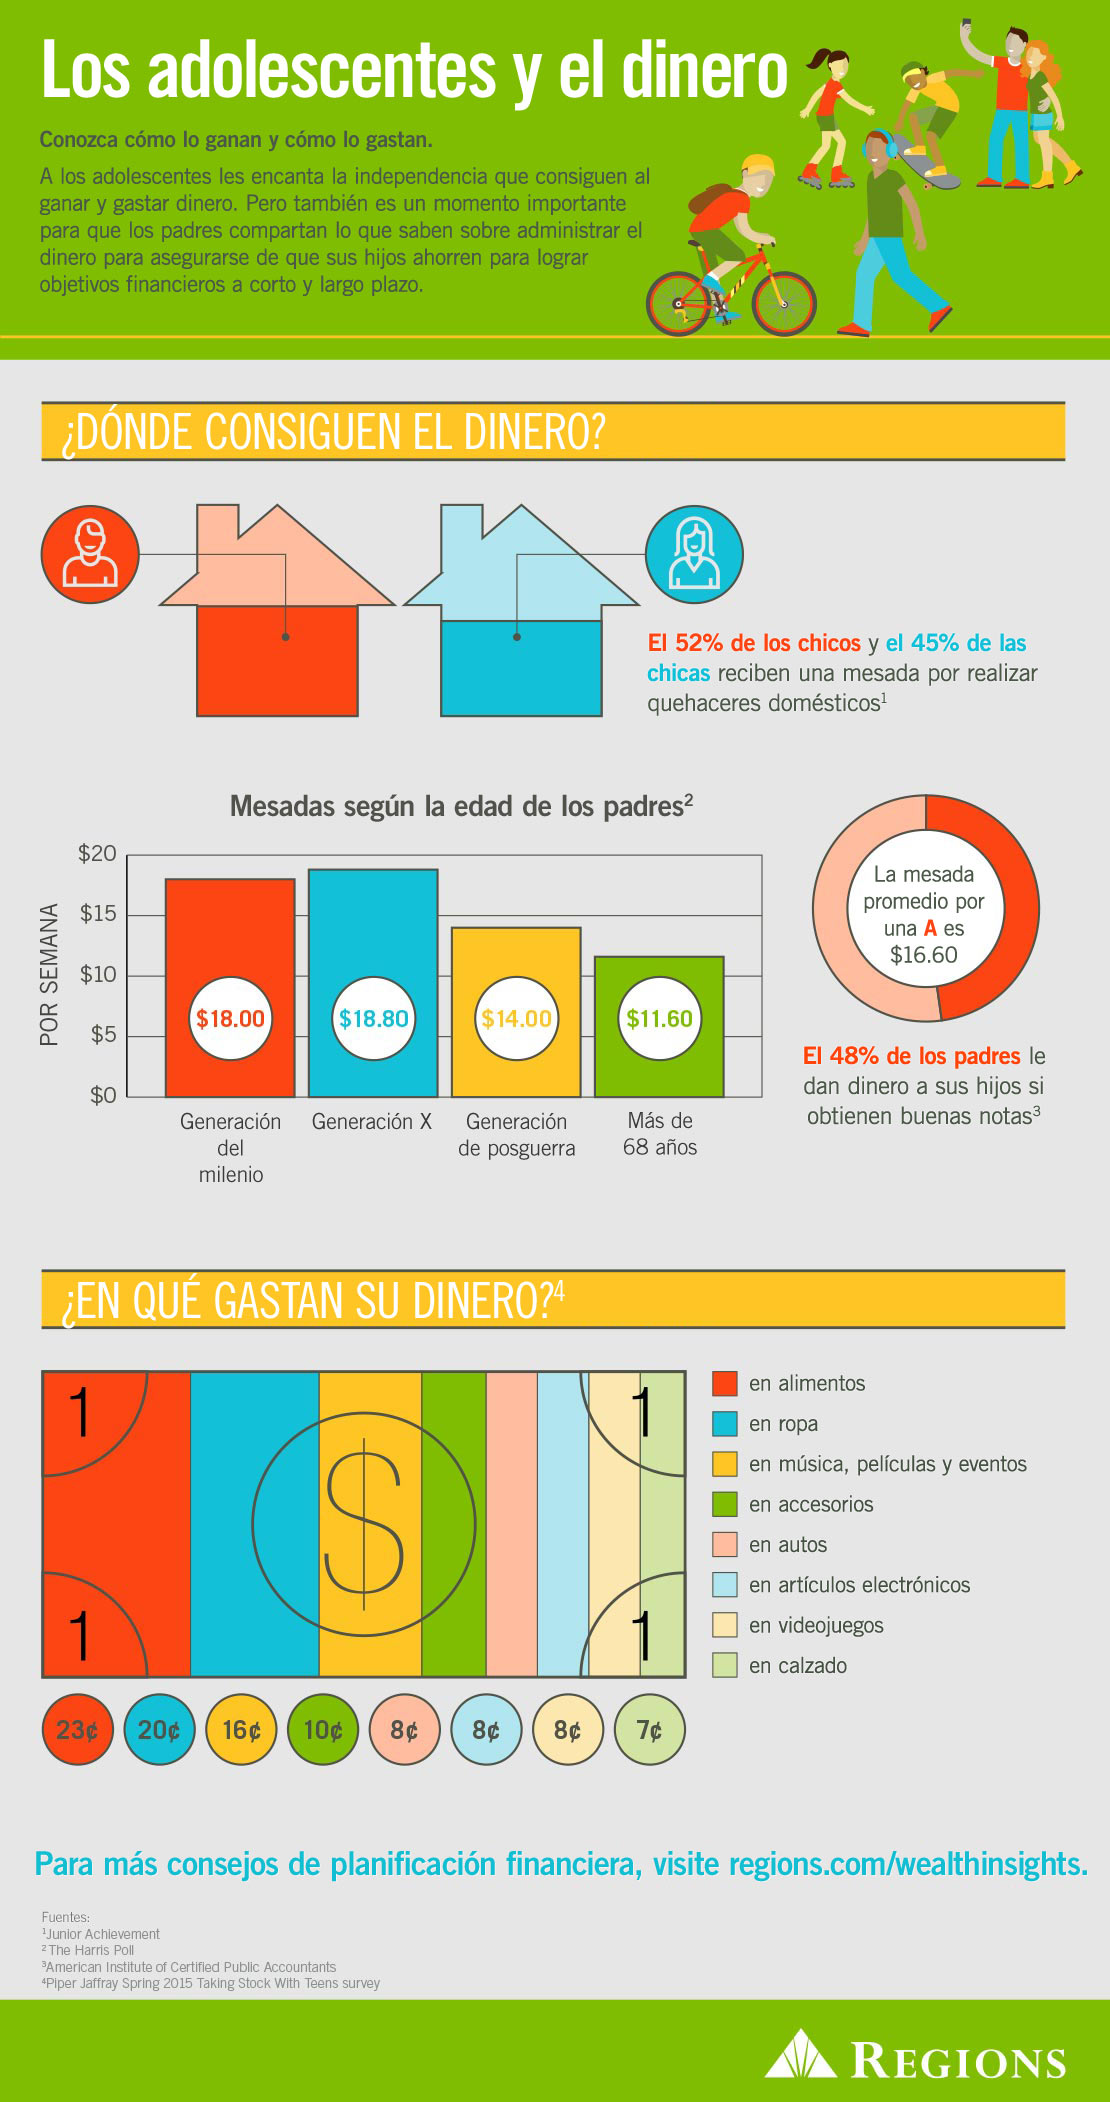 Infografía sobre cómo los adolescentes gastan su dinero